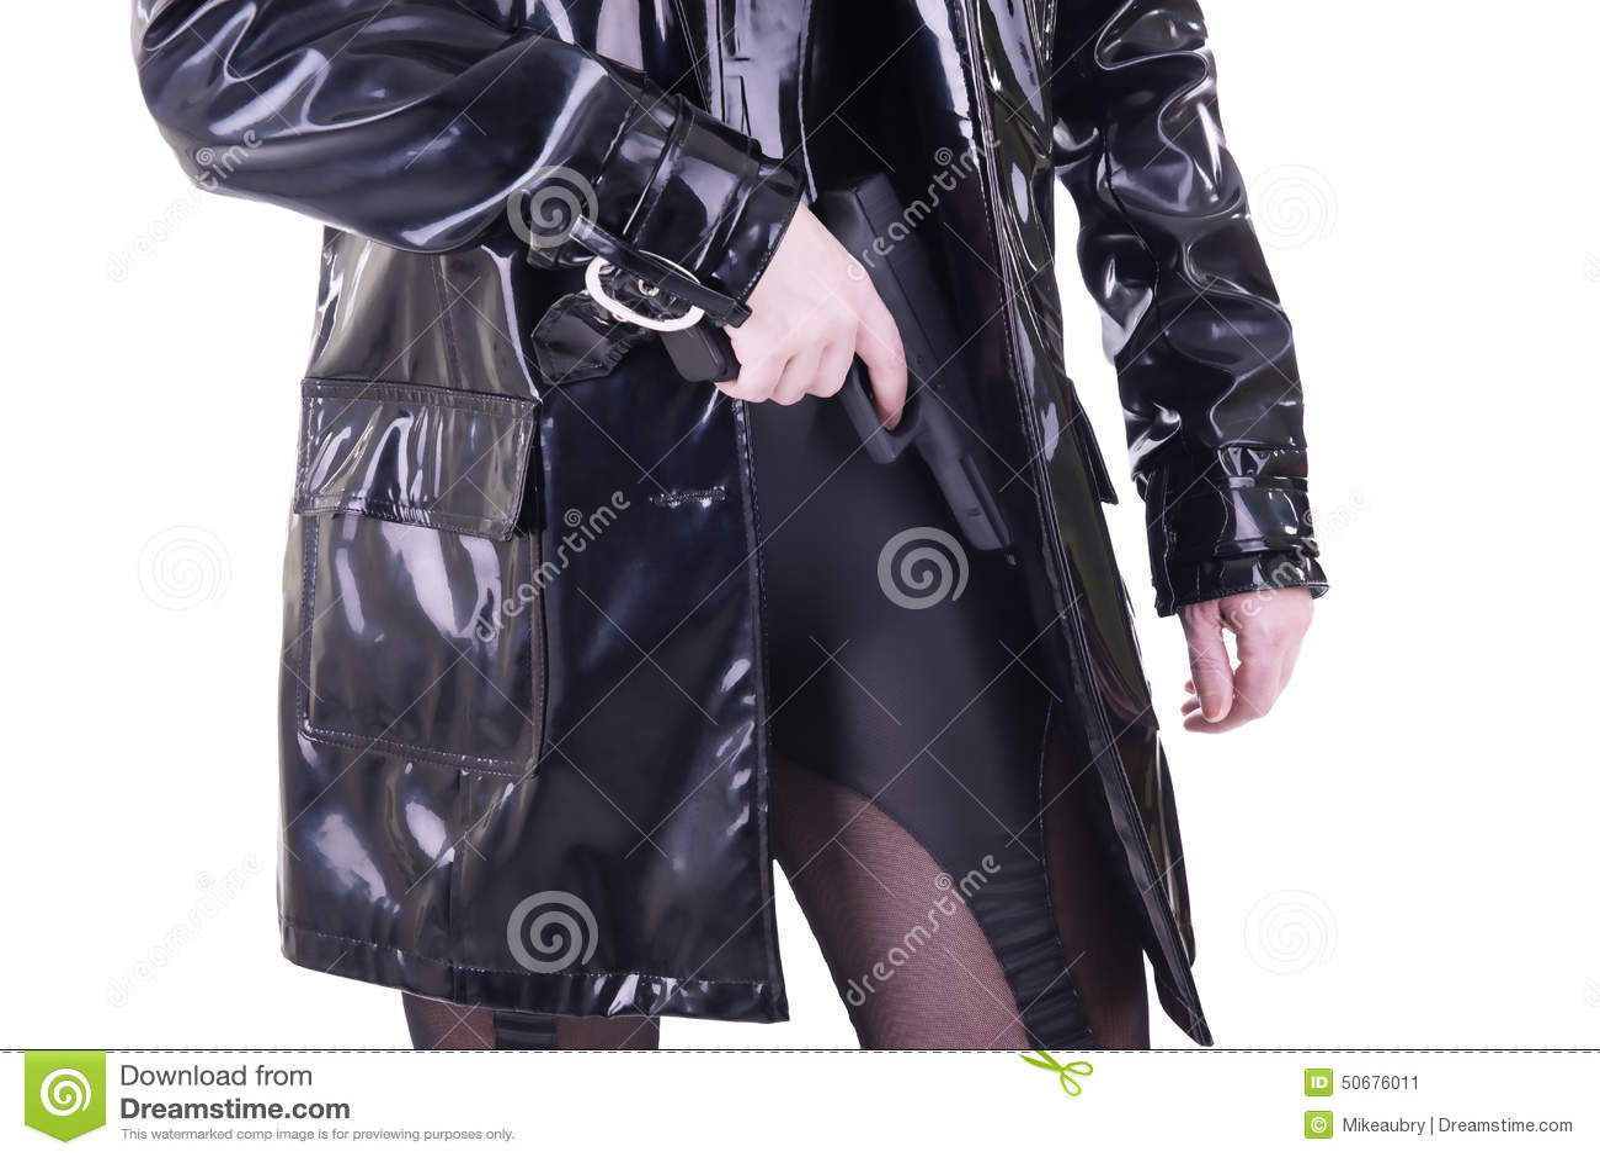 Download 枪性感的妇女 库存图片. 图片 包括有 间谍, 白种人, 刺杀, 手枪, 束腰, 投反对票, 英雄, 雨衣 - 50676011